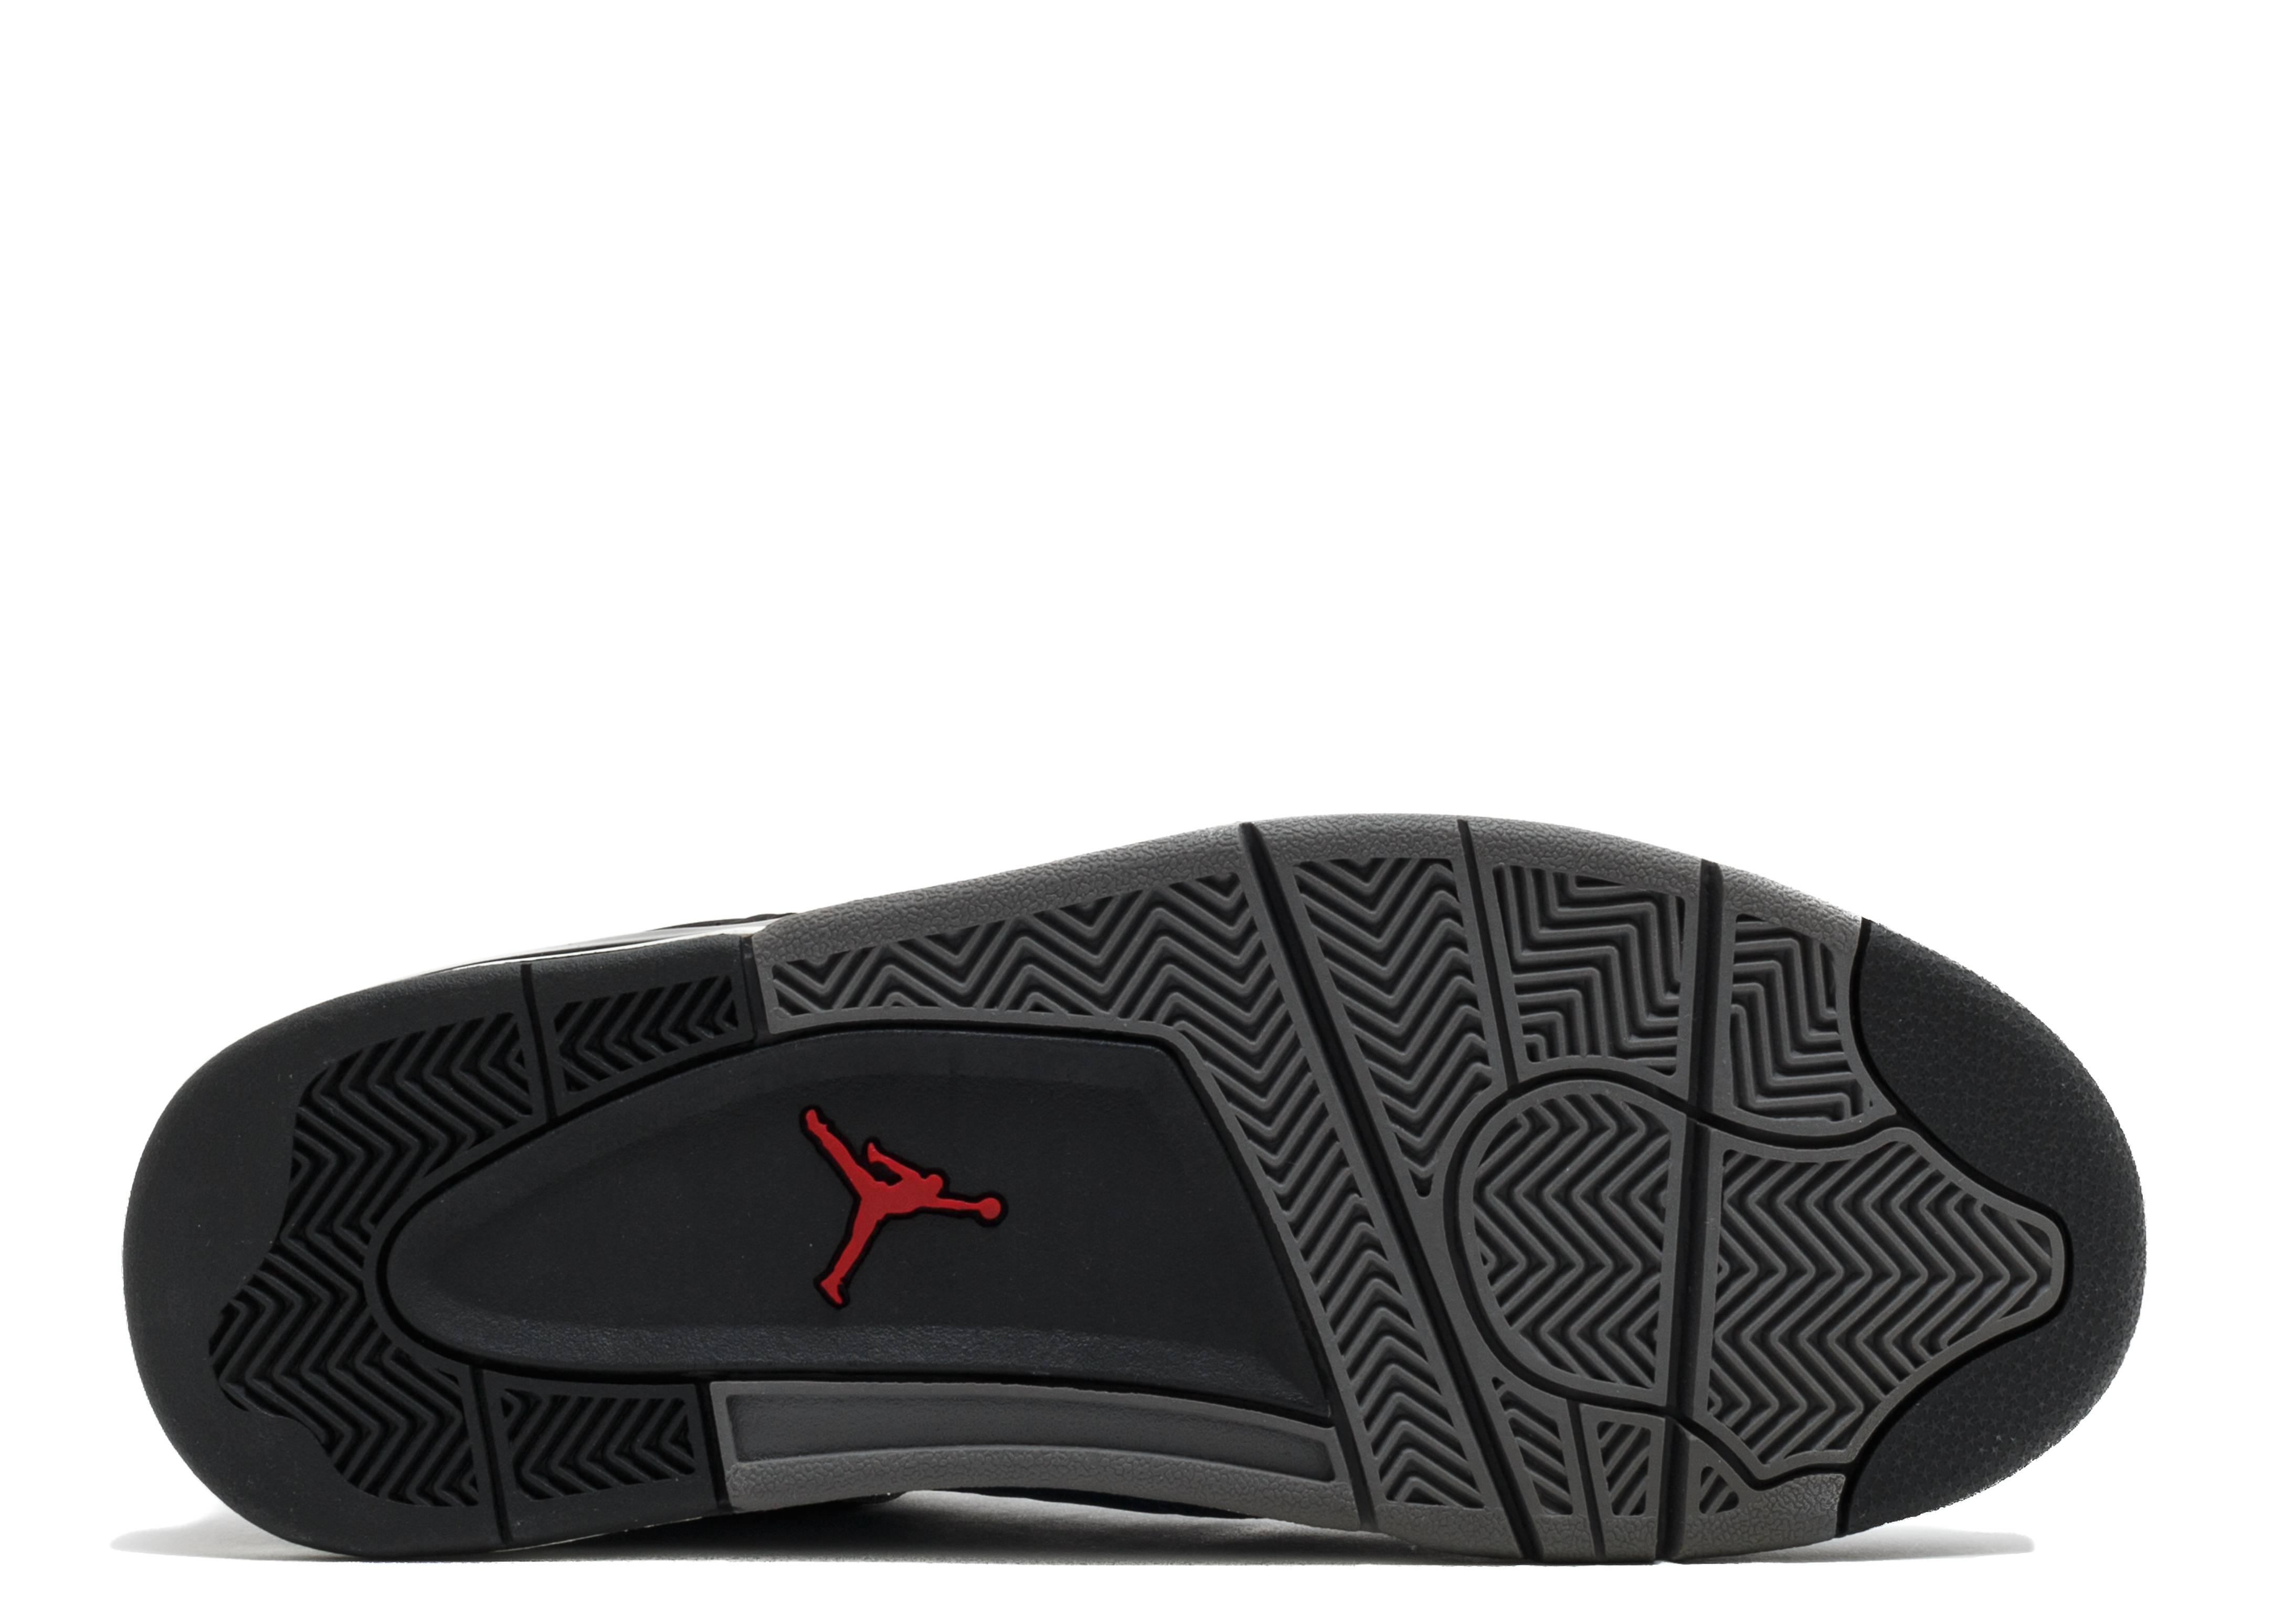 b6b95d47748627 Air Jordan 4 Retro